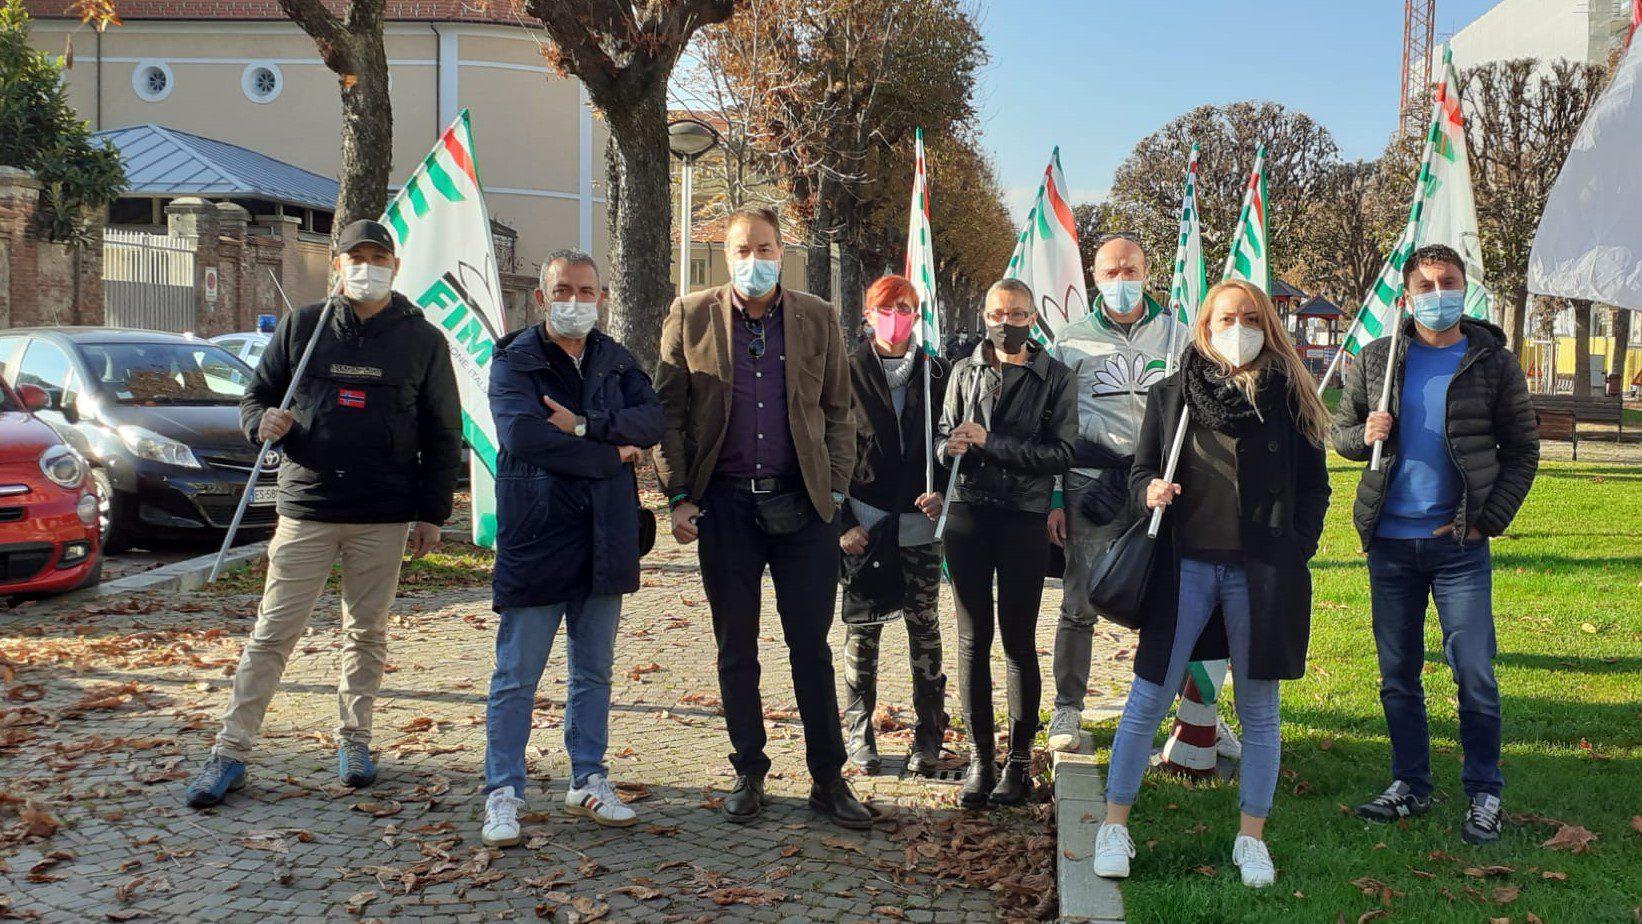 Alcuni delegati Fim Cisl con i segretari generale della Cisl Cuneo, Enrico Solavagione, e della Fim, Sergio De Salve al presidio che si è svolto durante lo sciopero dei metalmeccanici